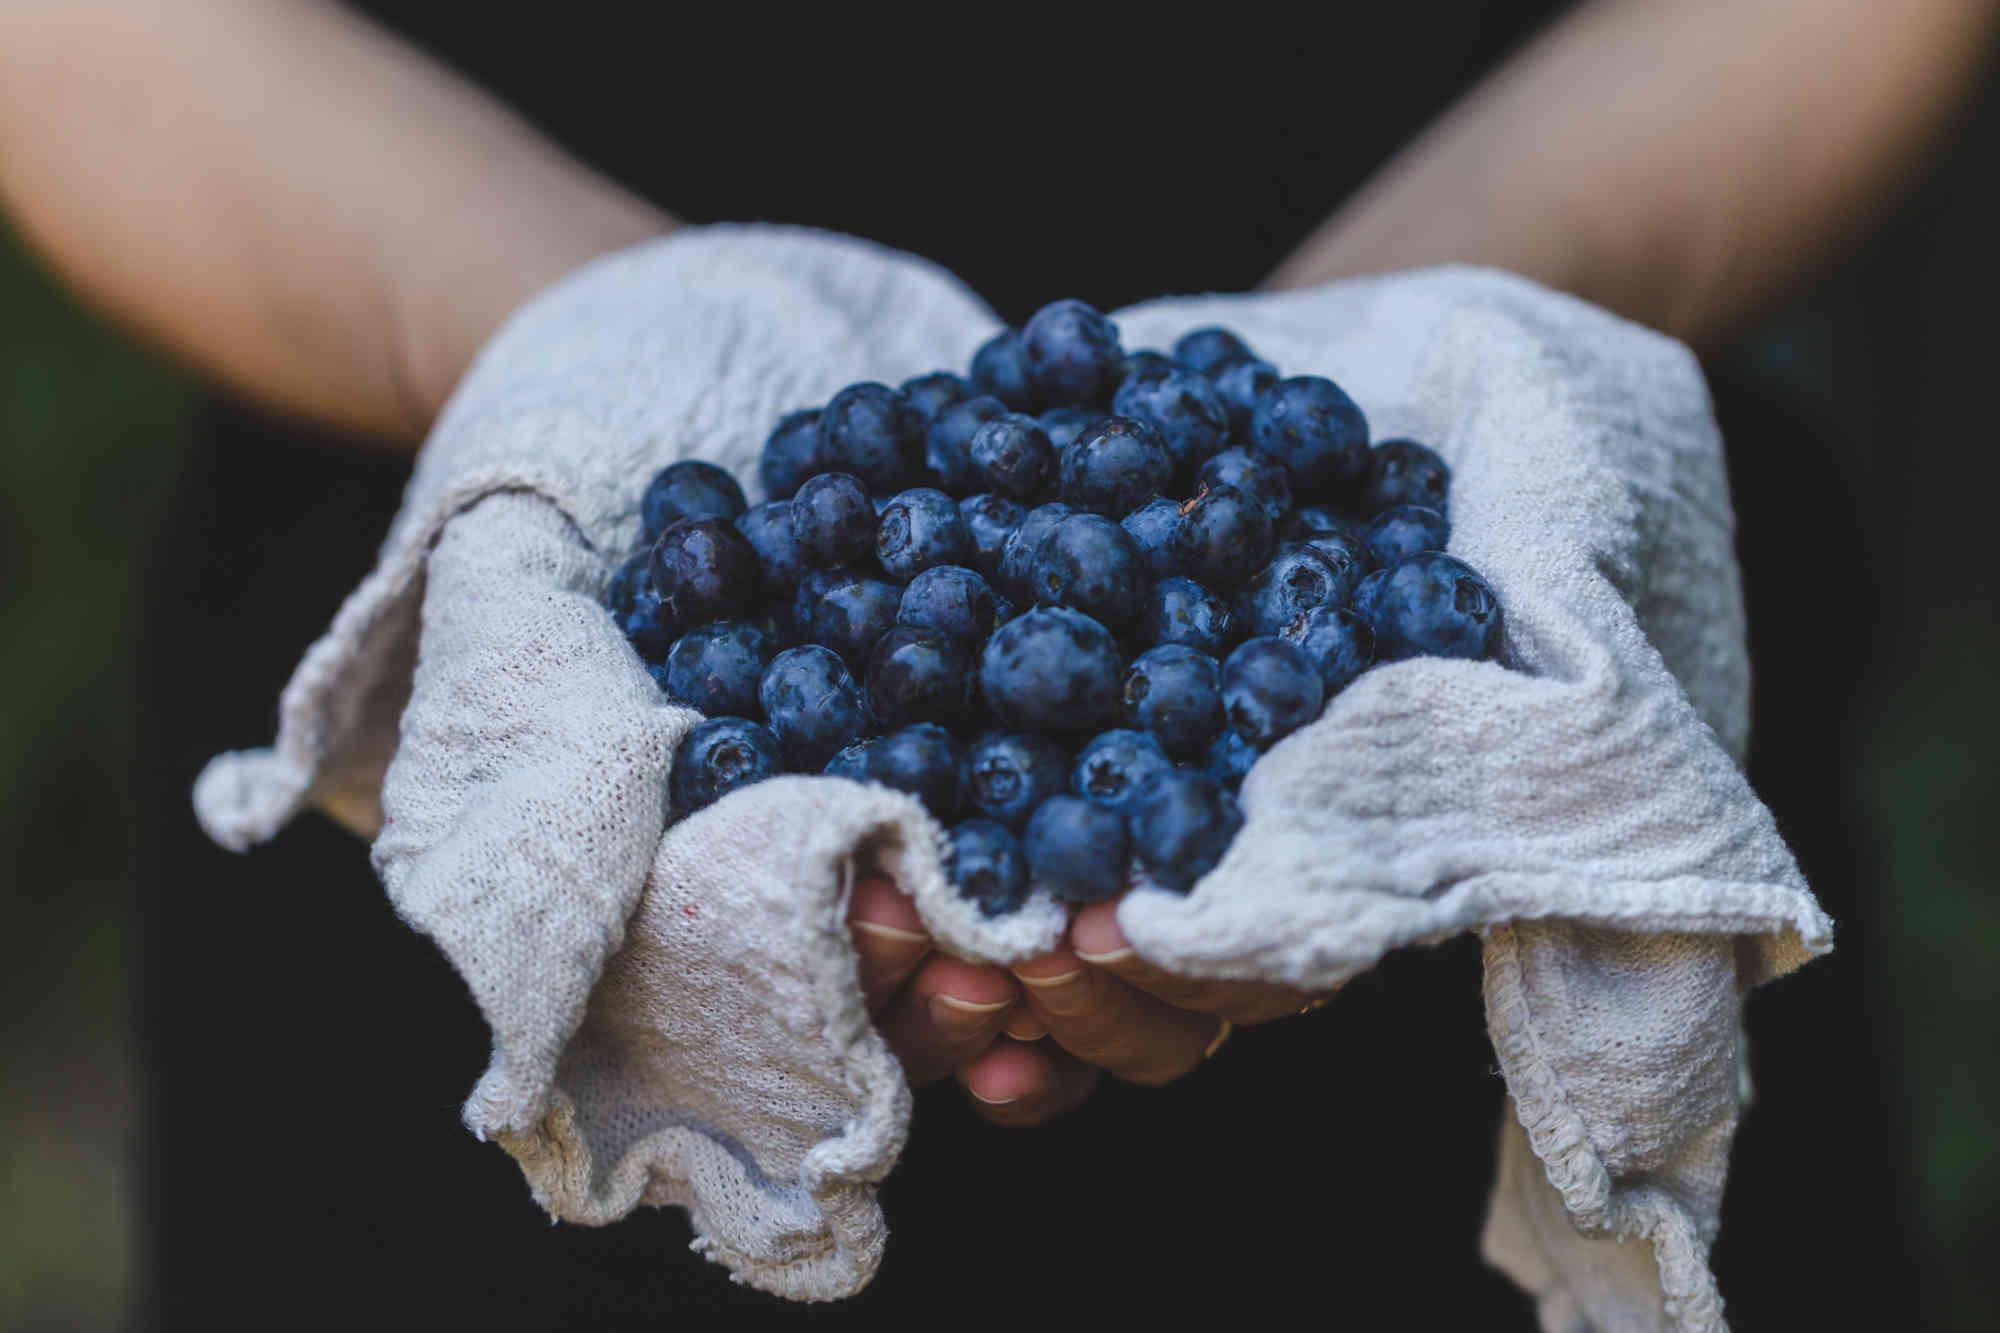 Encourager la consommation d'aliments riches en flavonoïdes